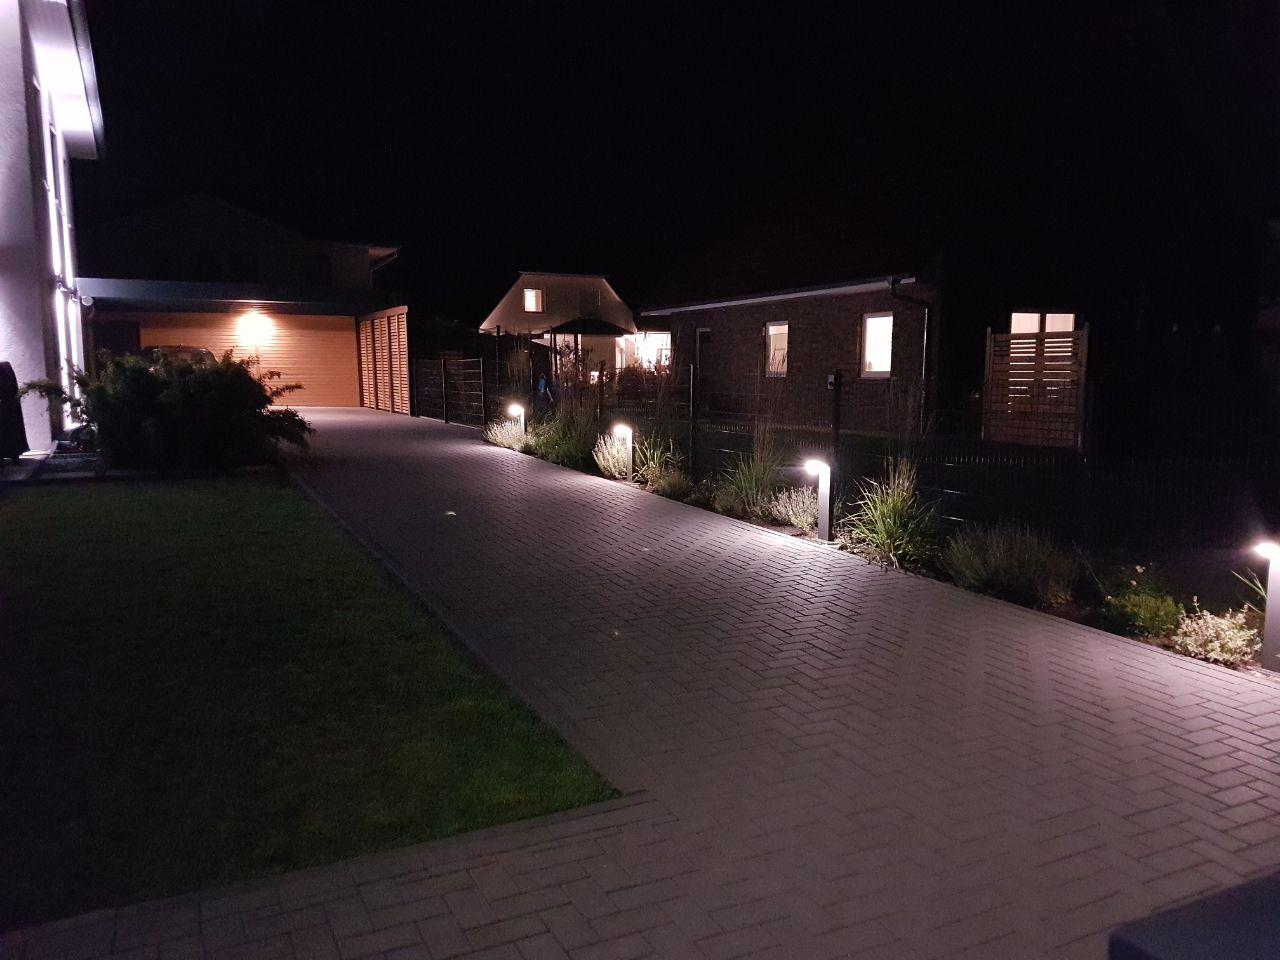 Stadtvilla in Elmenhorst: Erweiterung der Außenbeleuchtung